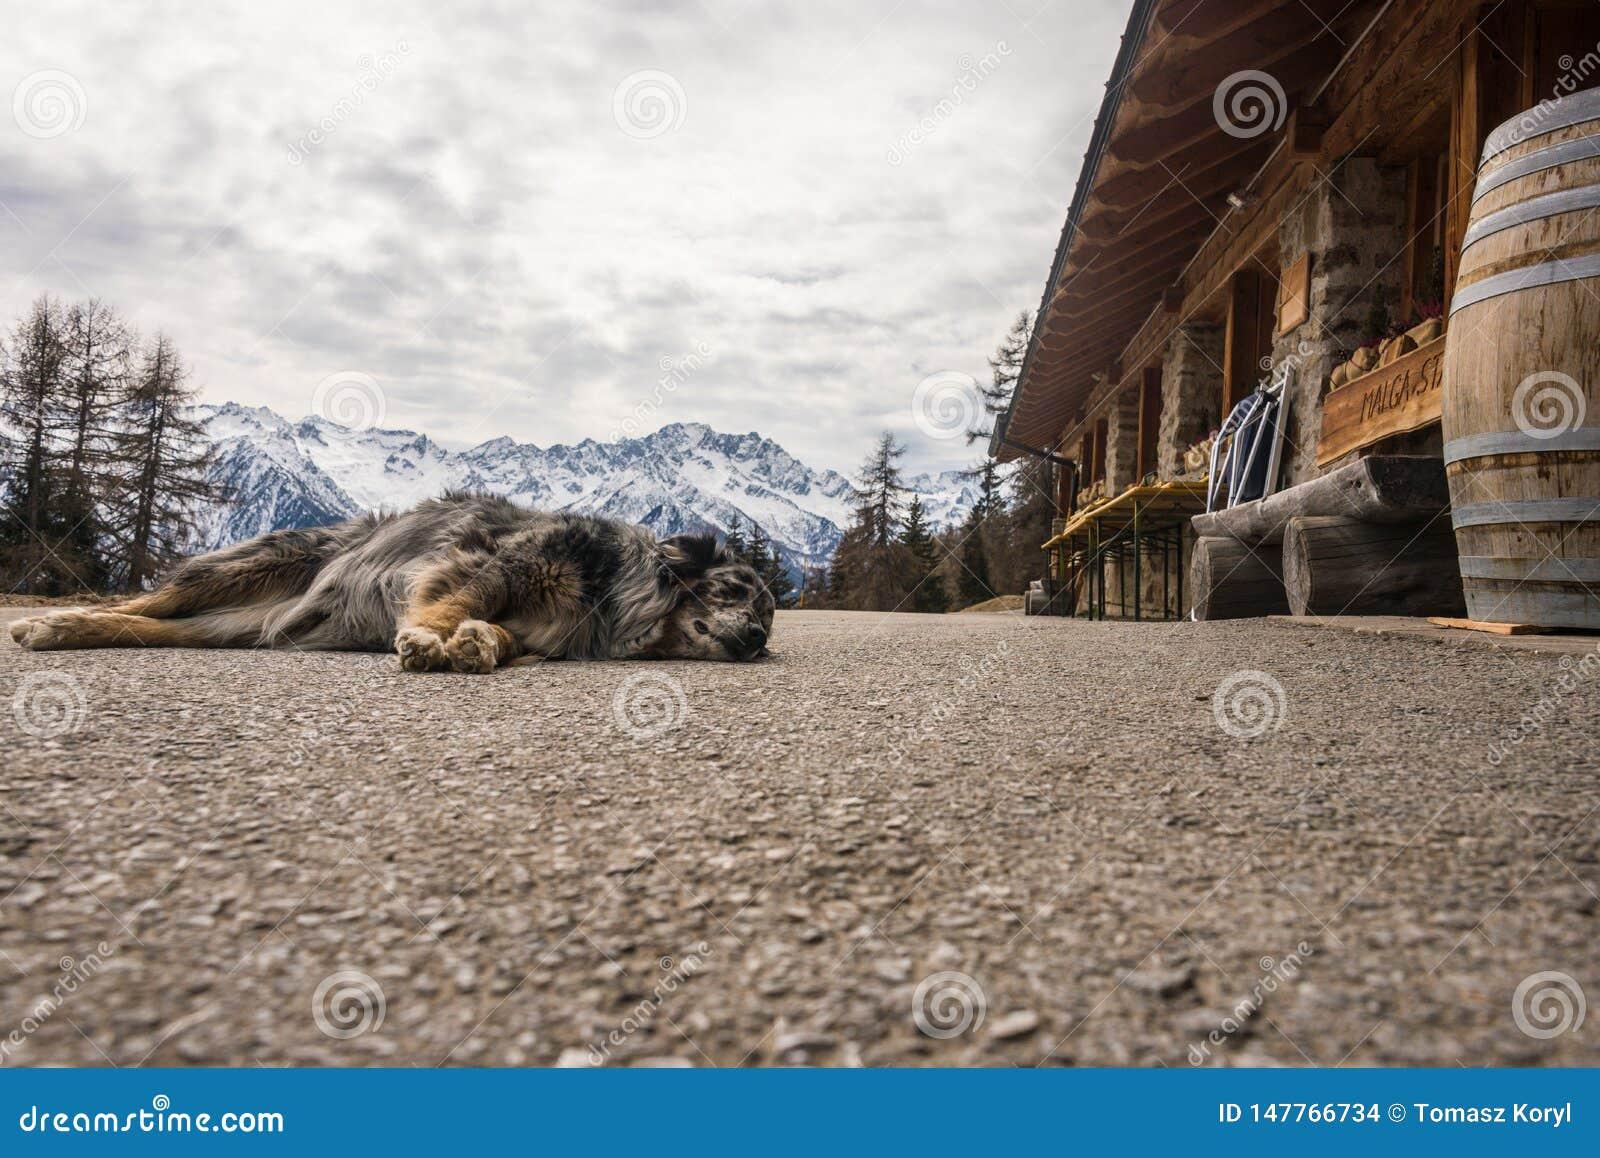 Hund, der auf Gebirgsstra?e schl?ft Schnee-mit einer Kappe bedeckte Berge am Hintergrund